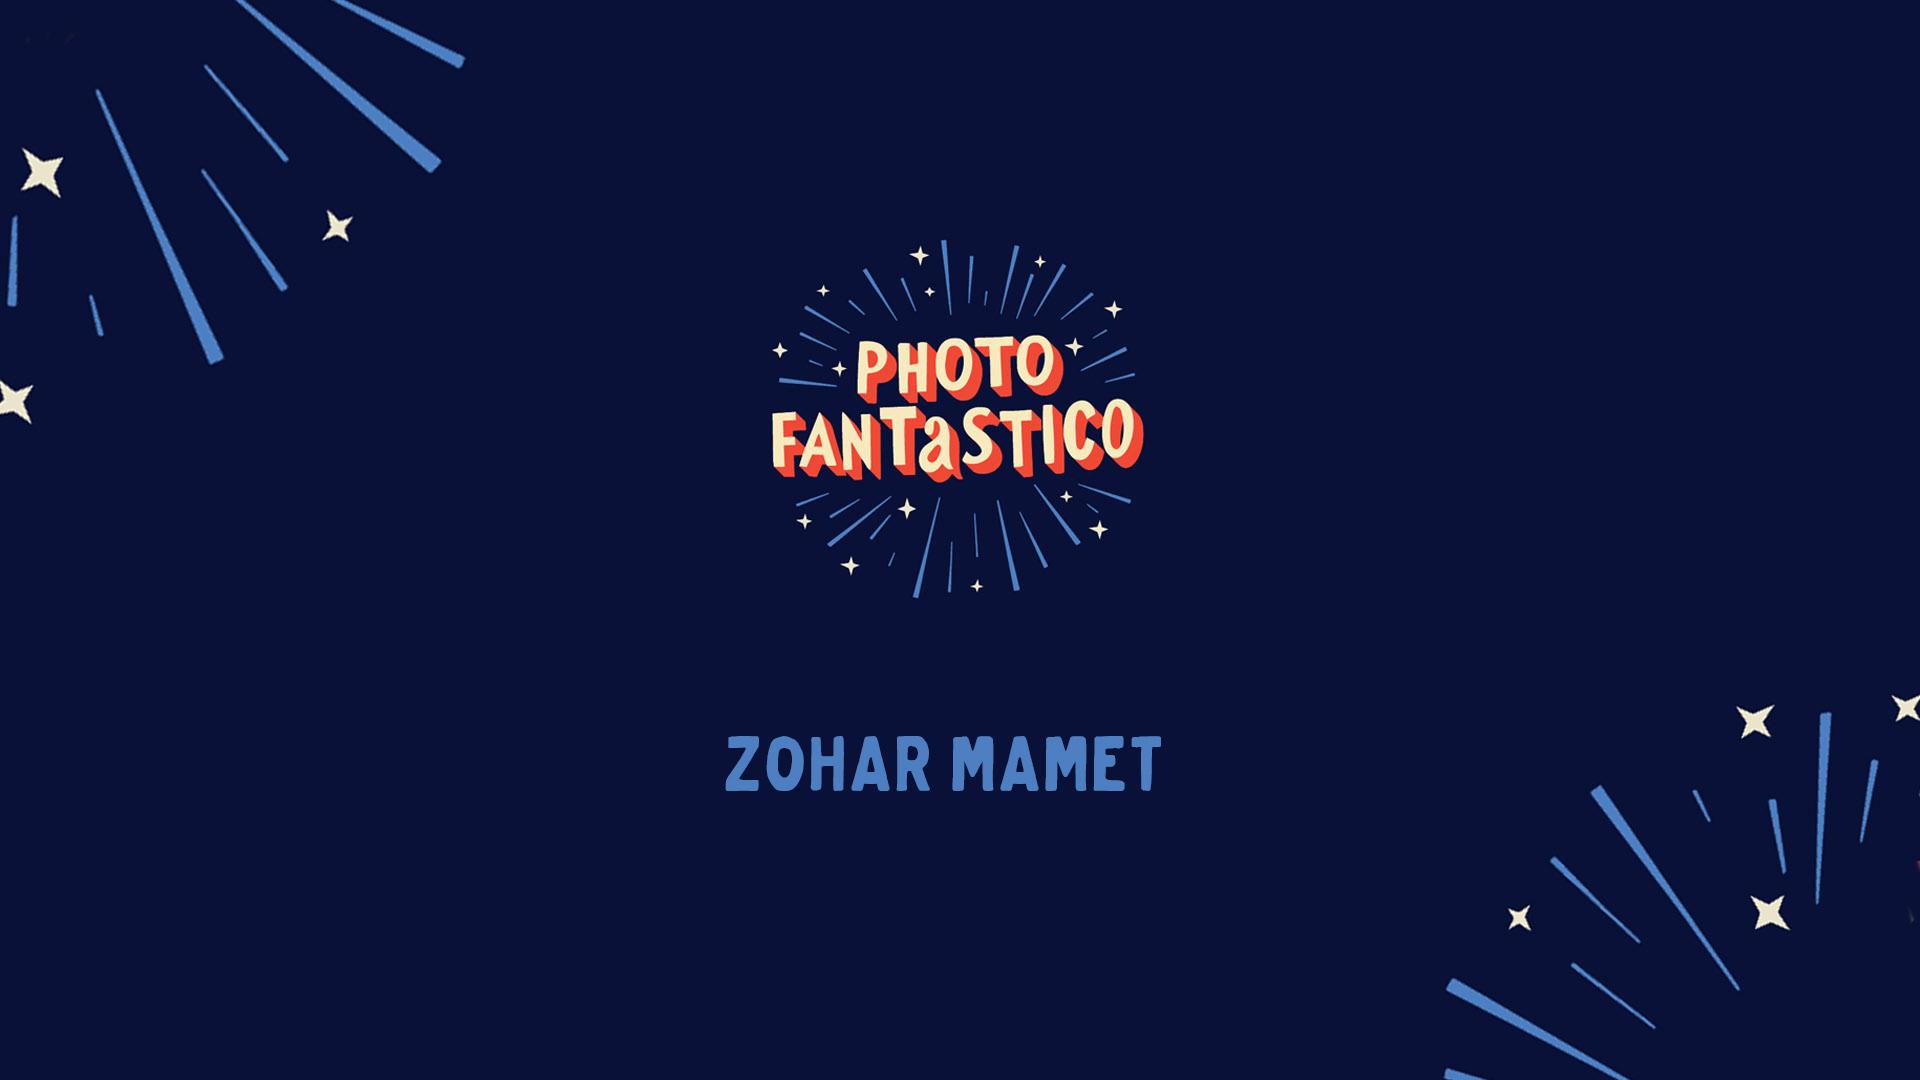 Zohar Mamet